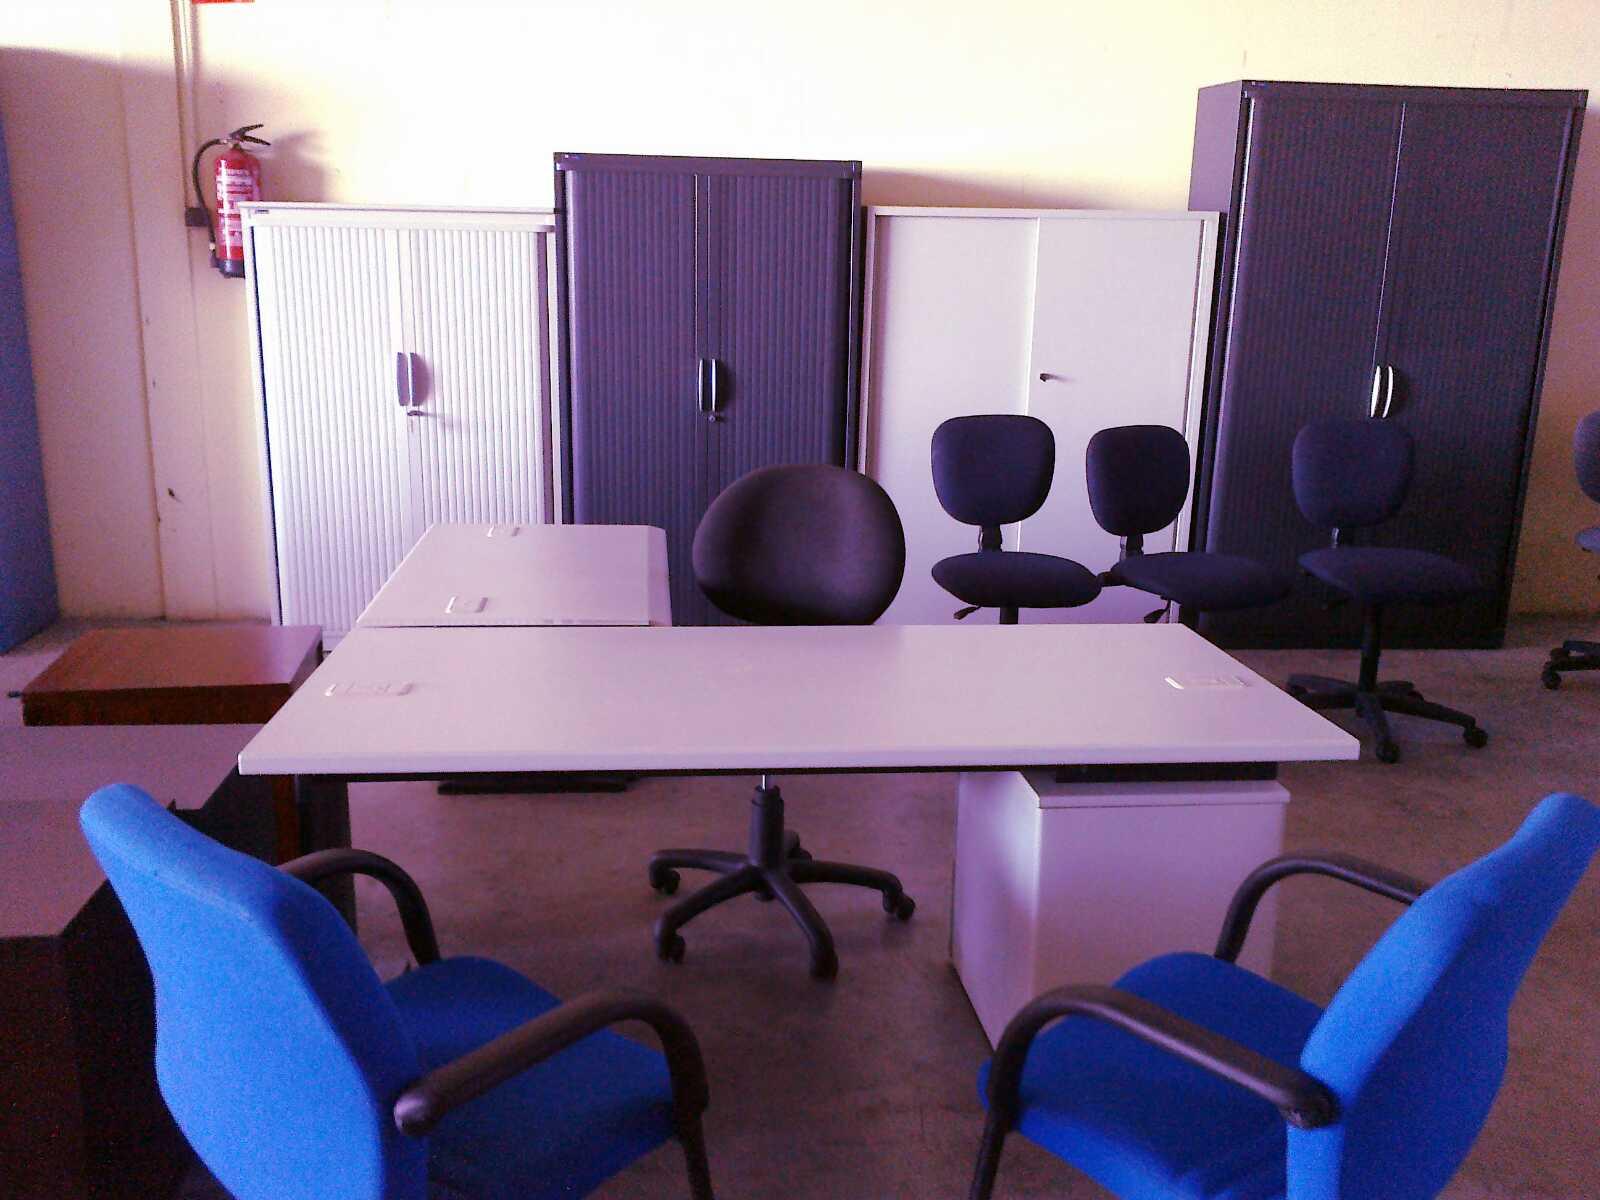 Estanter as met licas y muebles de oficina mobiliario de for Muebles de ocasion